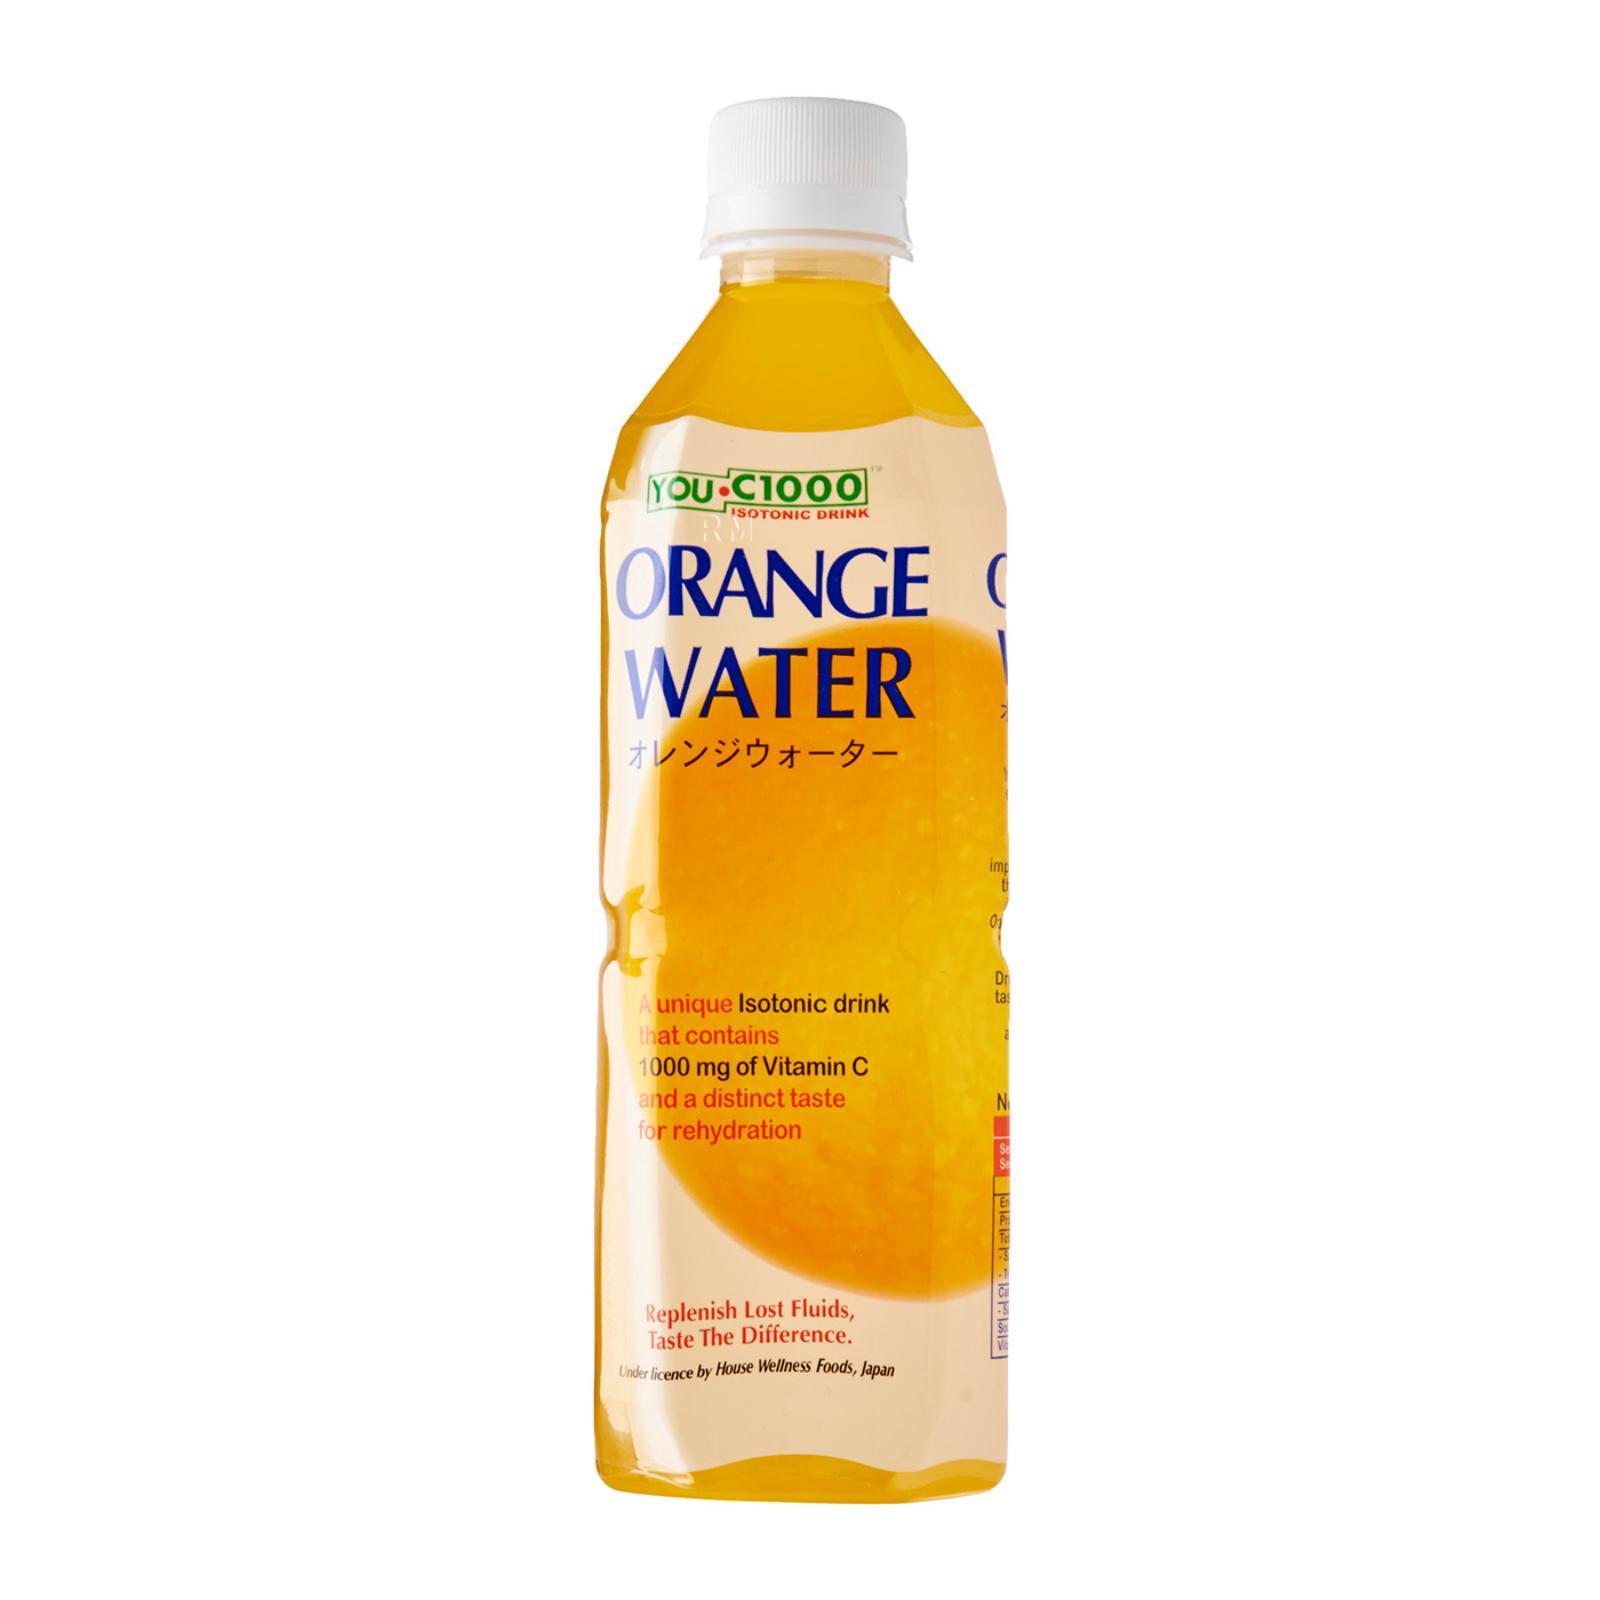 YOUC1000 Orange Water